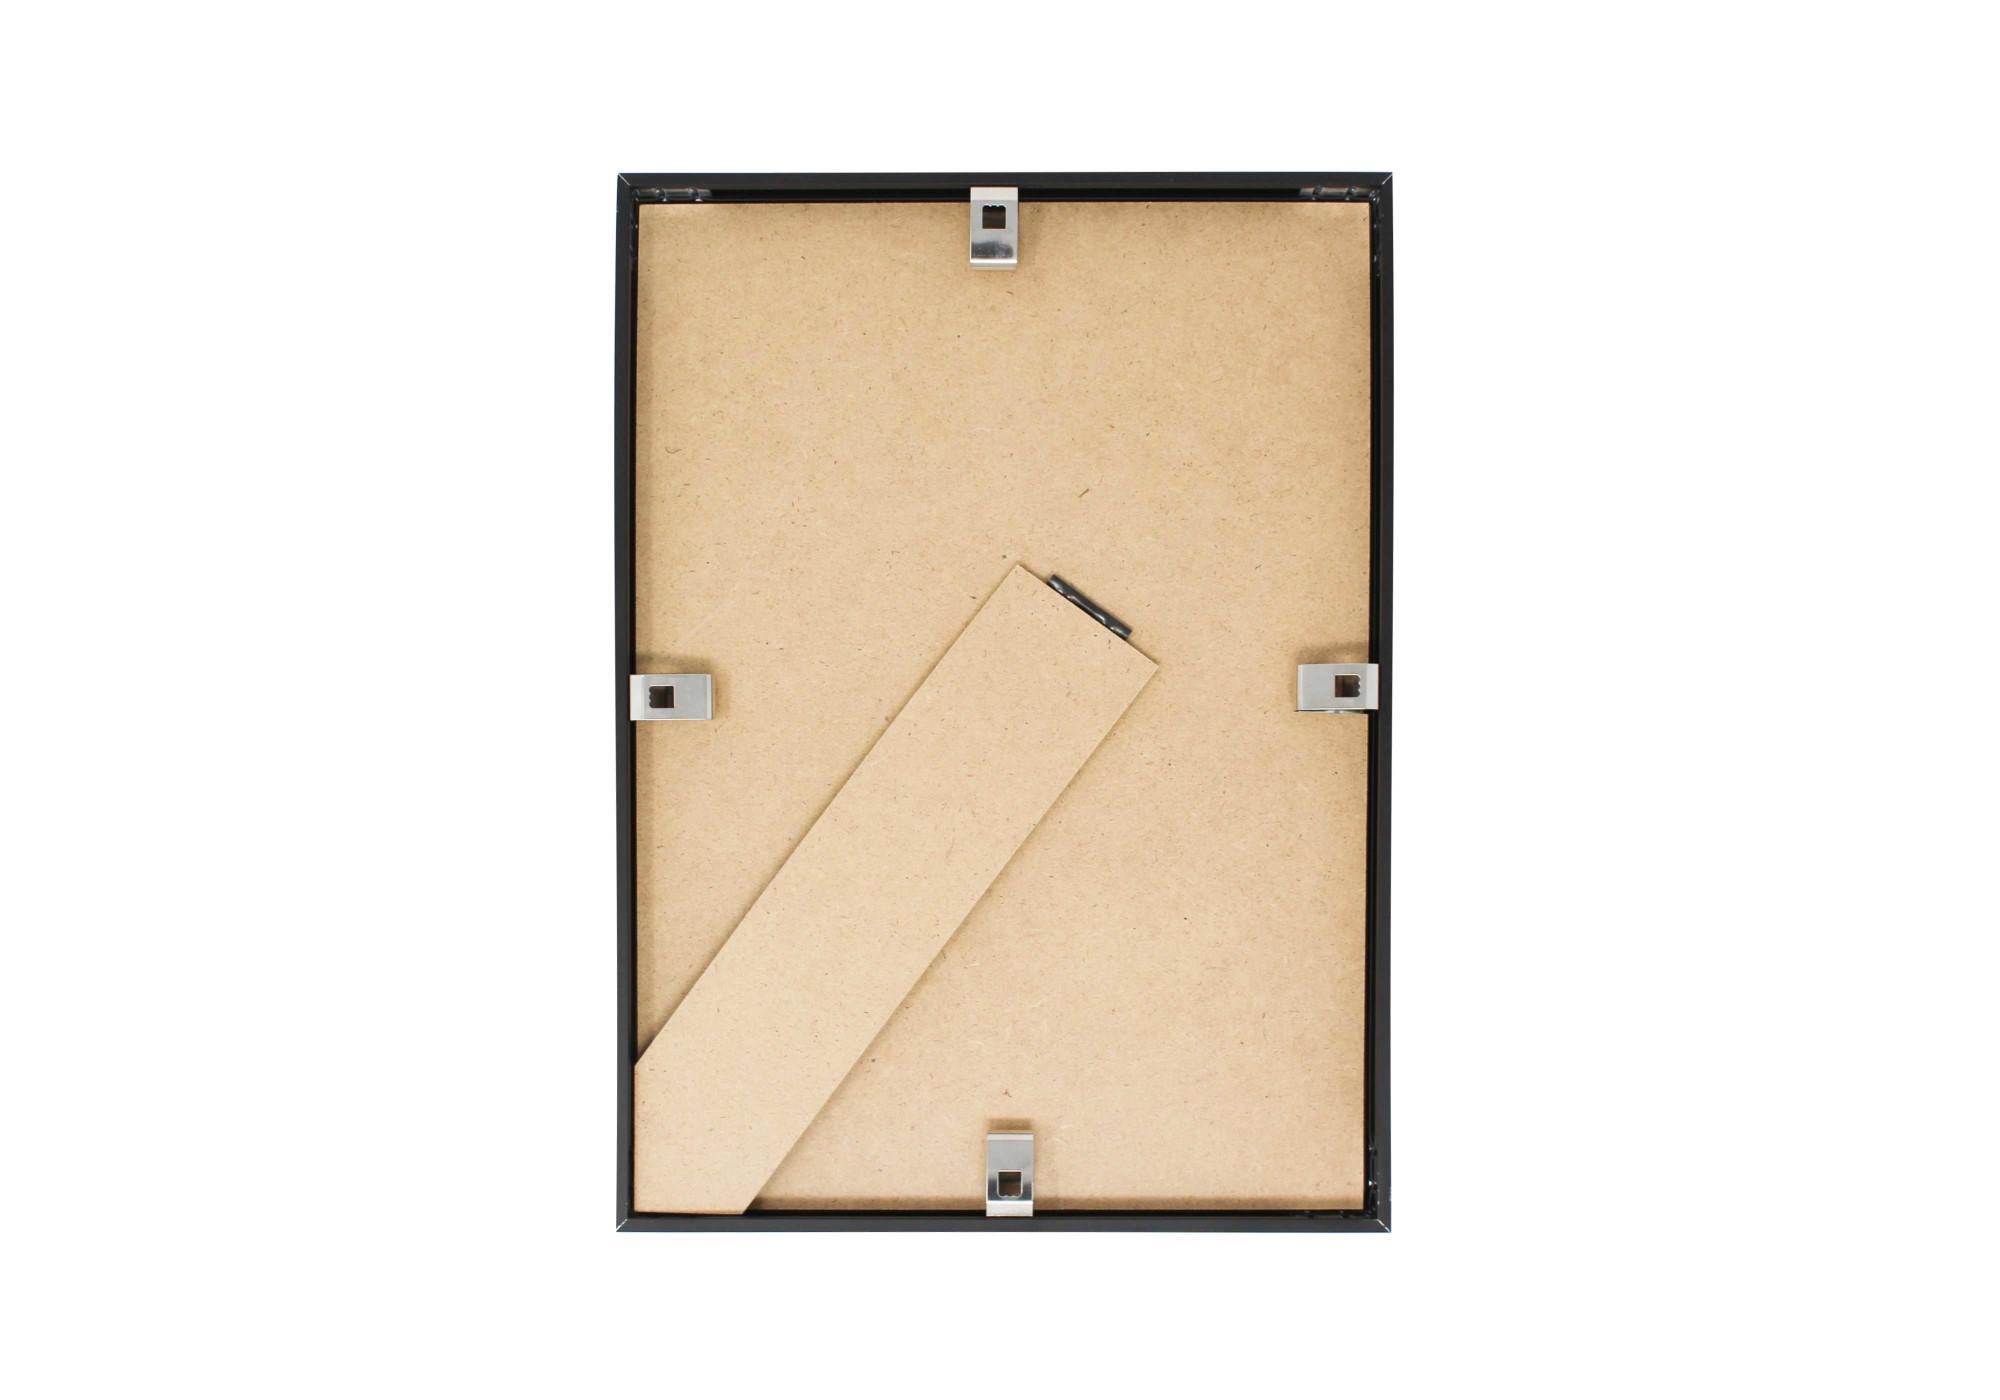 dos cadre noir mat format A5